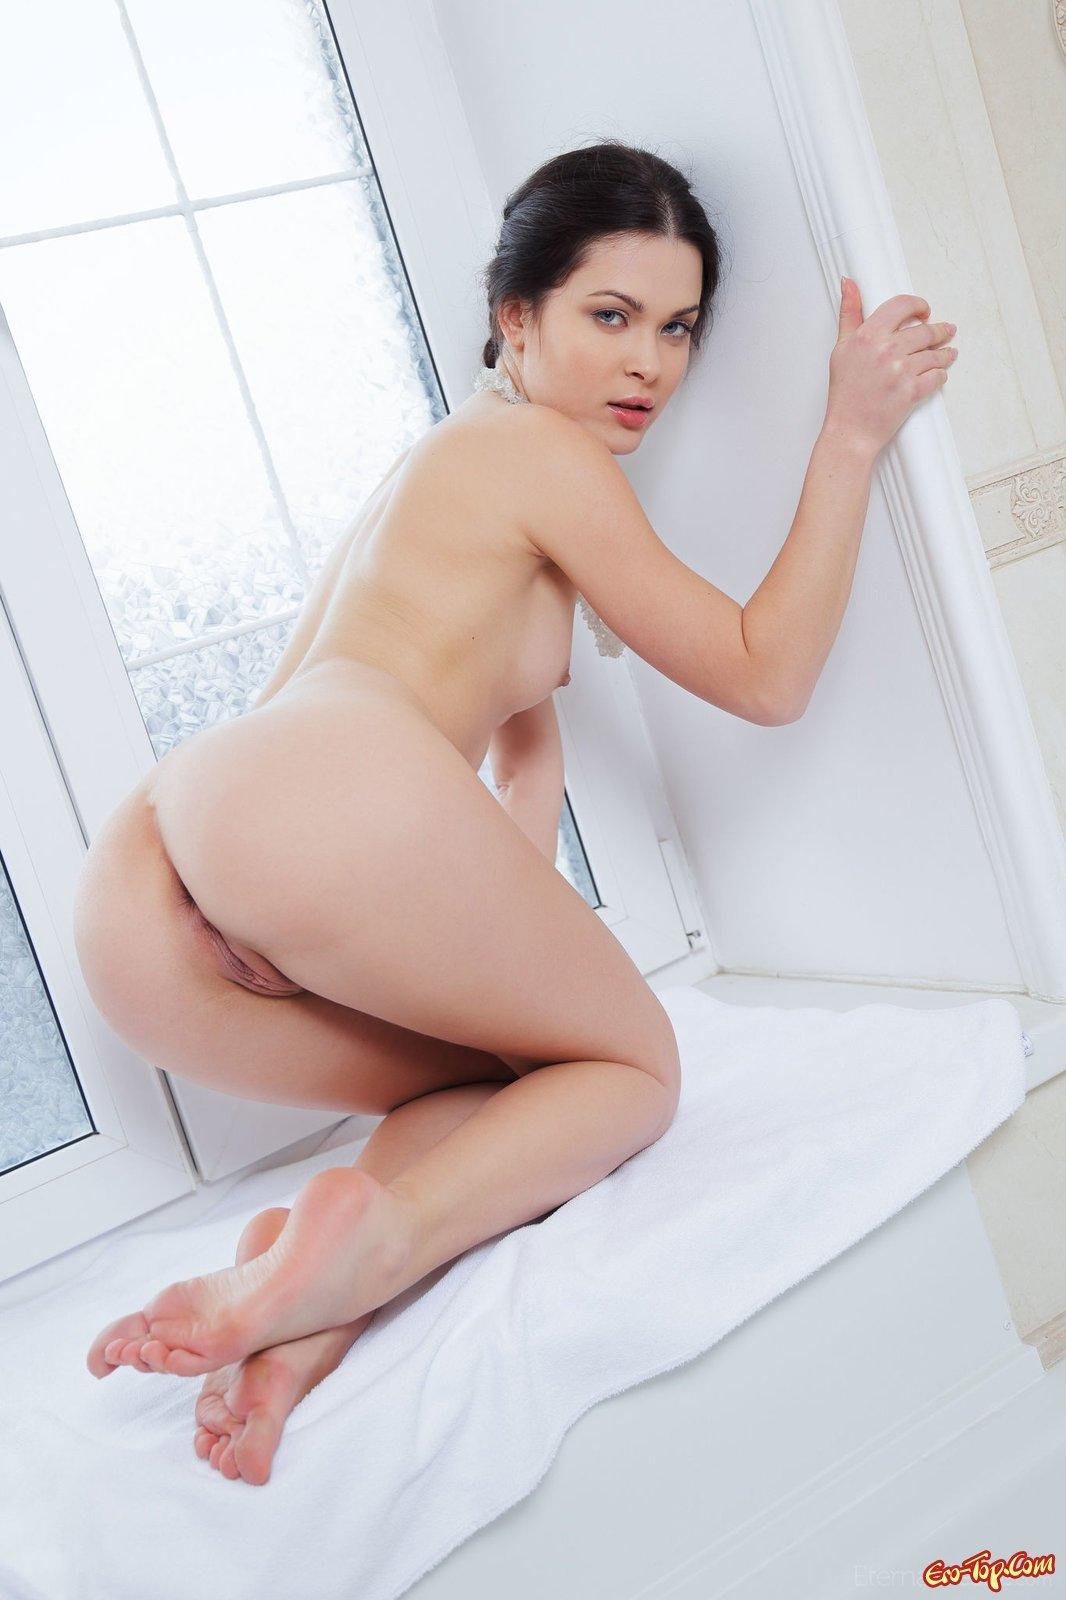 Сексуальная девушка в ванной комнате